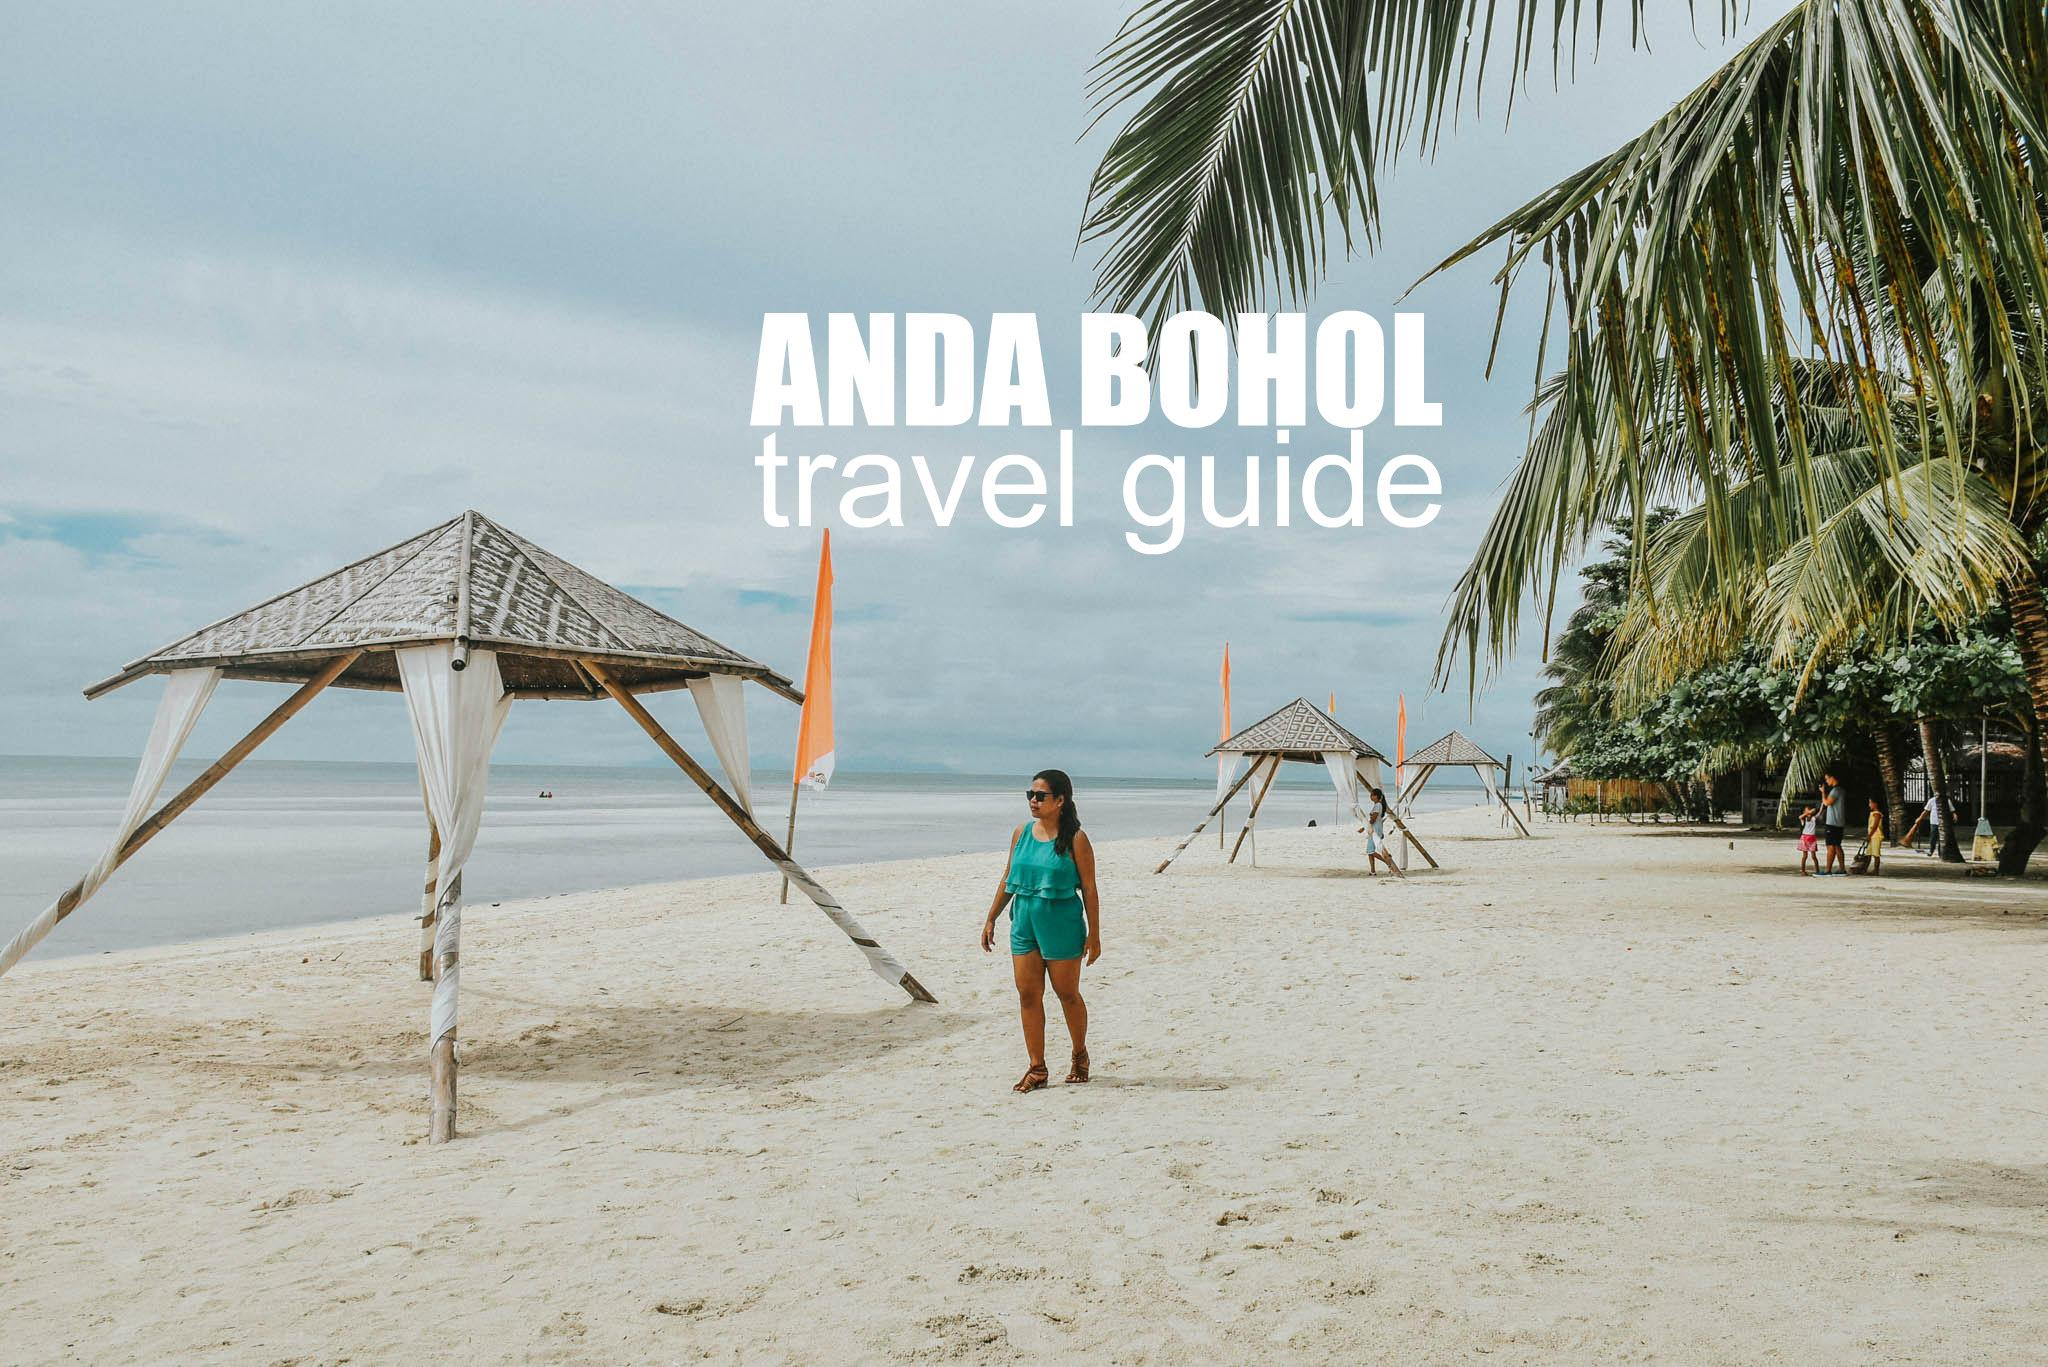 ANDA BOHOL TRAVEL GUIDE (Itinerary + Budget)